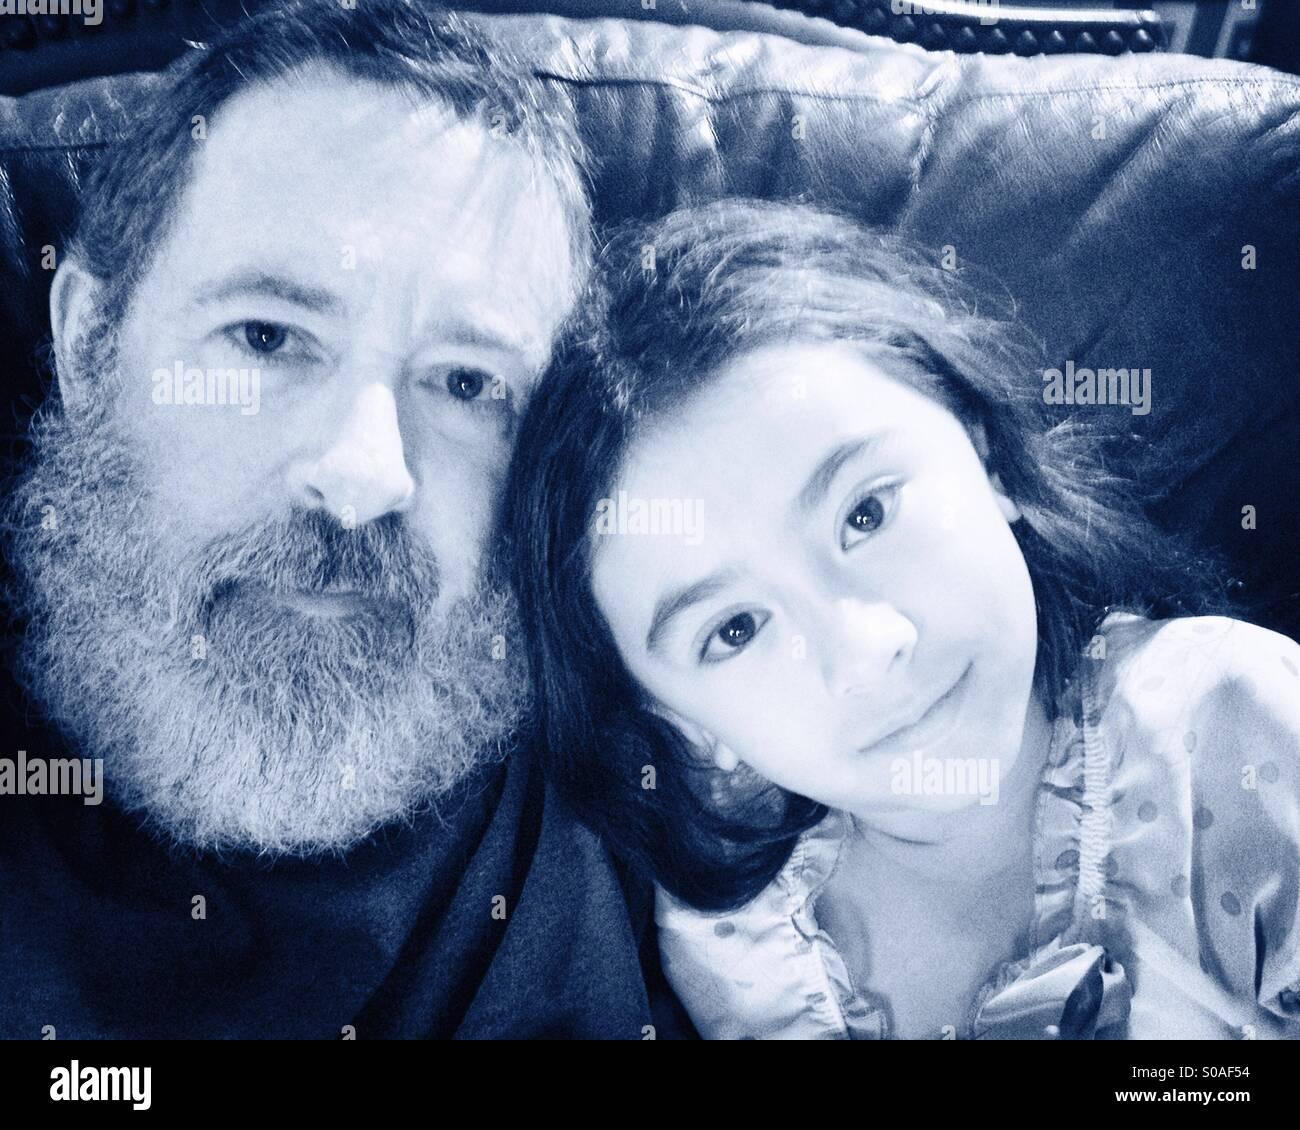 Padre e hija selfie. Foto de stock